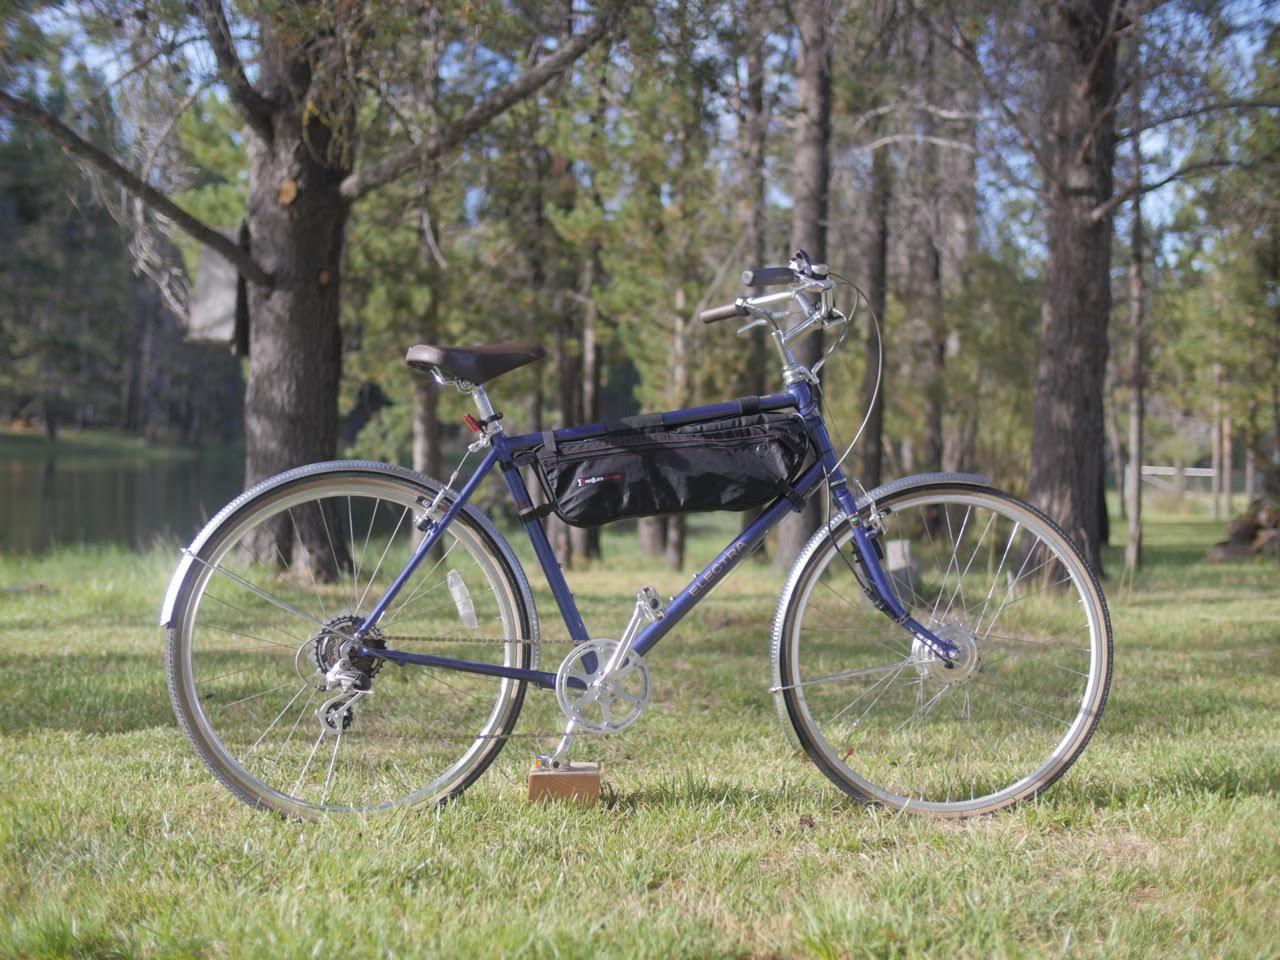 Leed 250 Watt 500 Watt Electric Bike Kit Review Video Electric Bike Kits Bike Kit Electric Bicycle